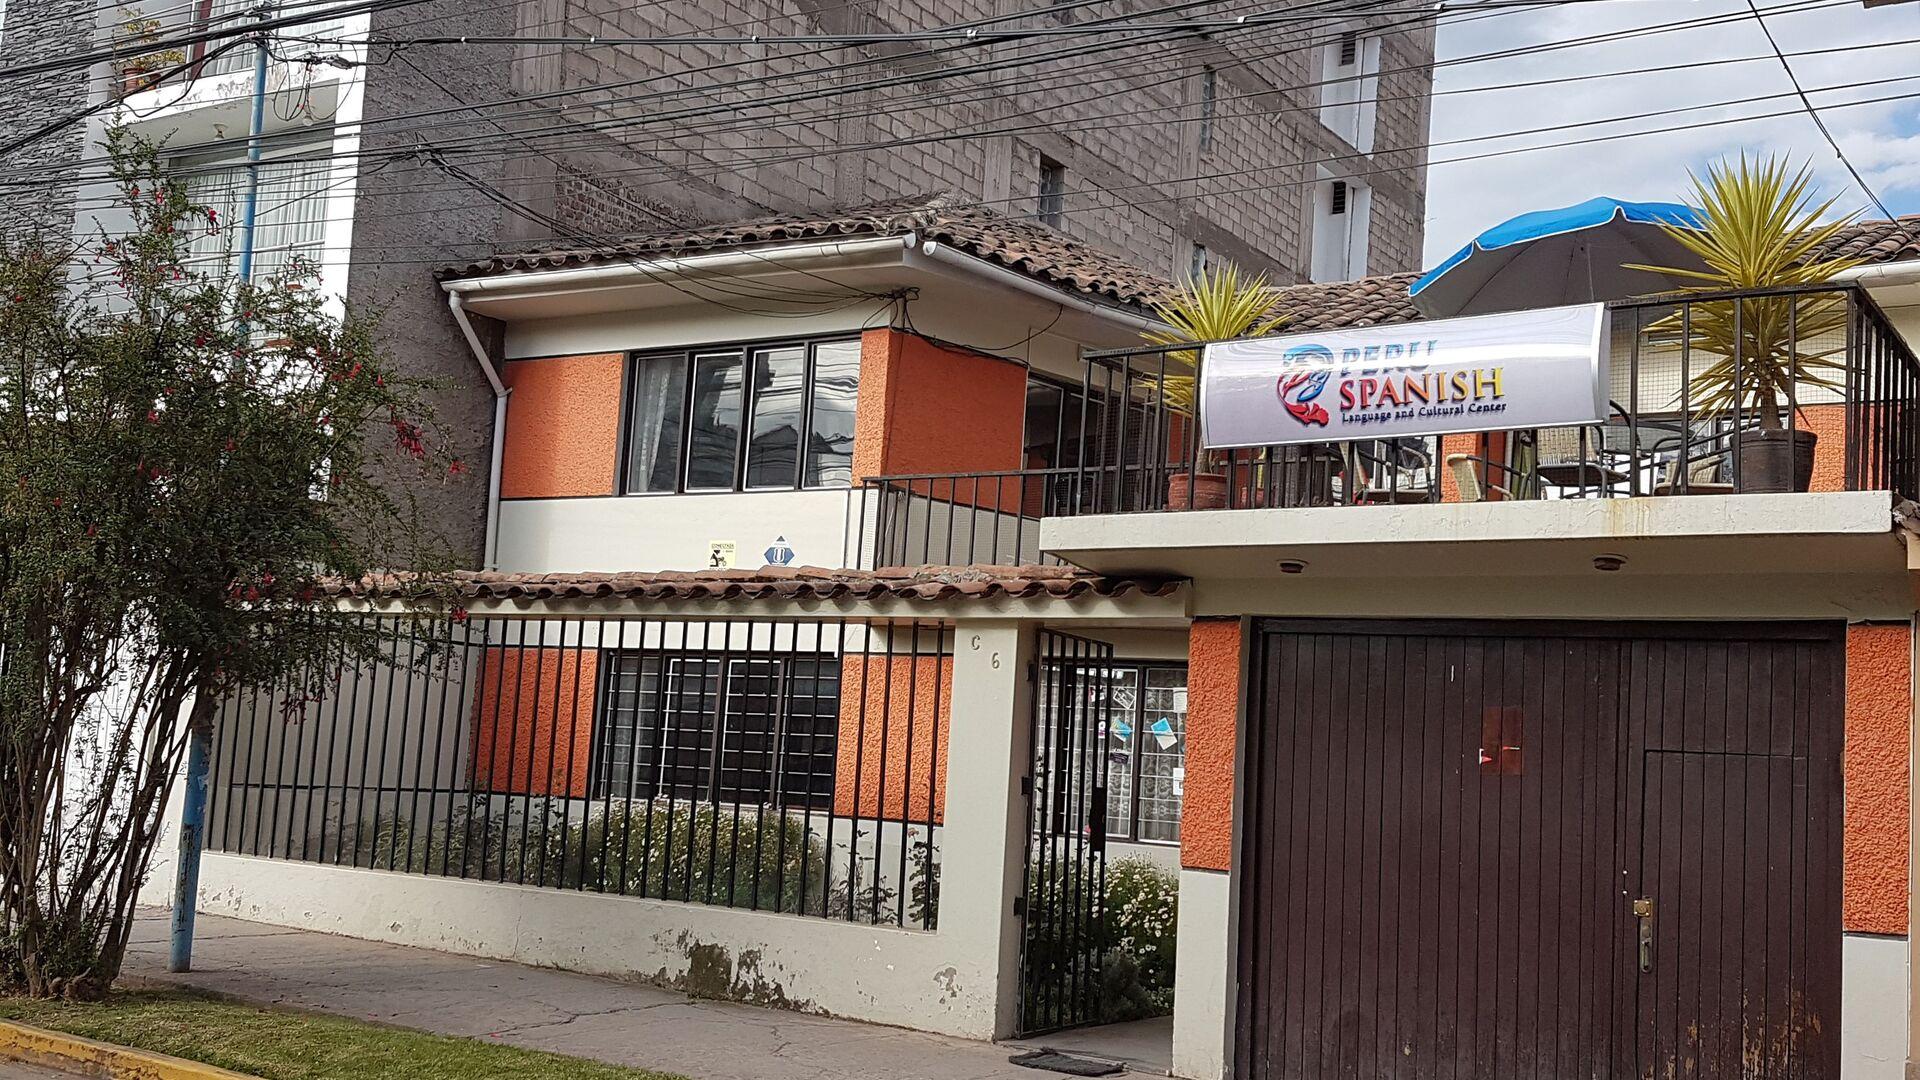 SéJour linguistique Pérou, Cuzco - Pérou Spanish Cusco - École